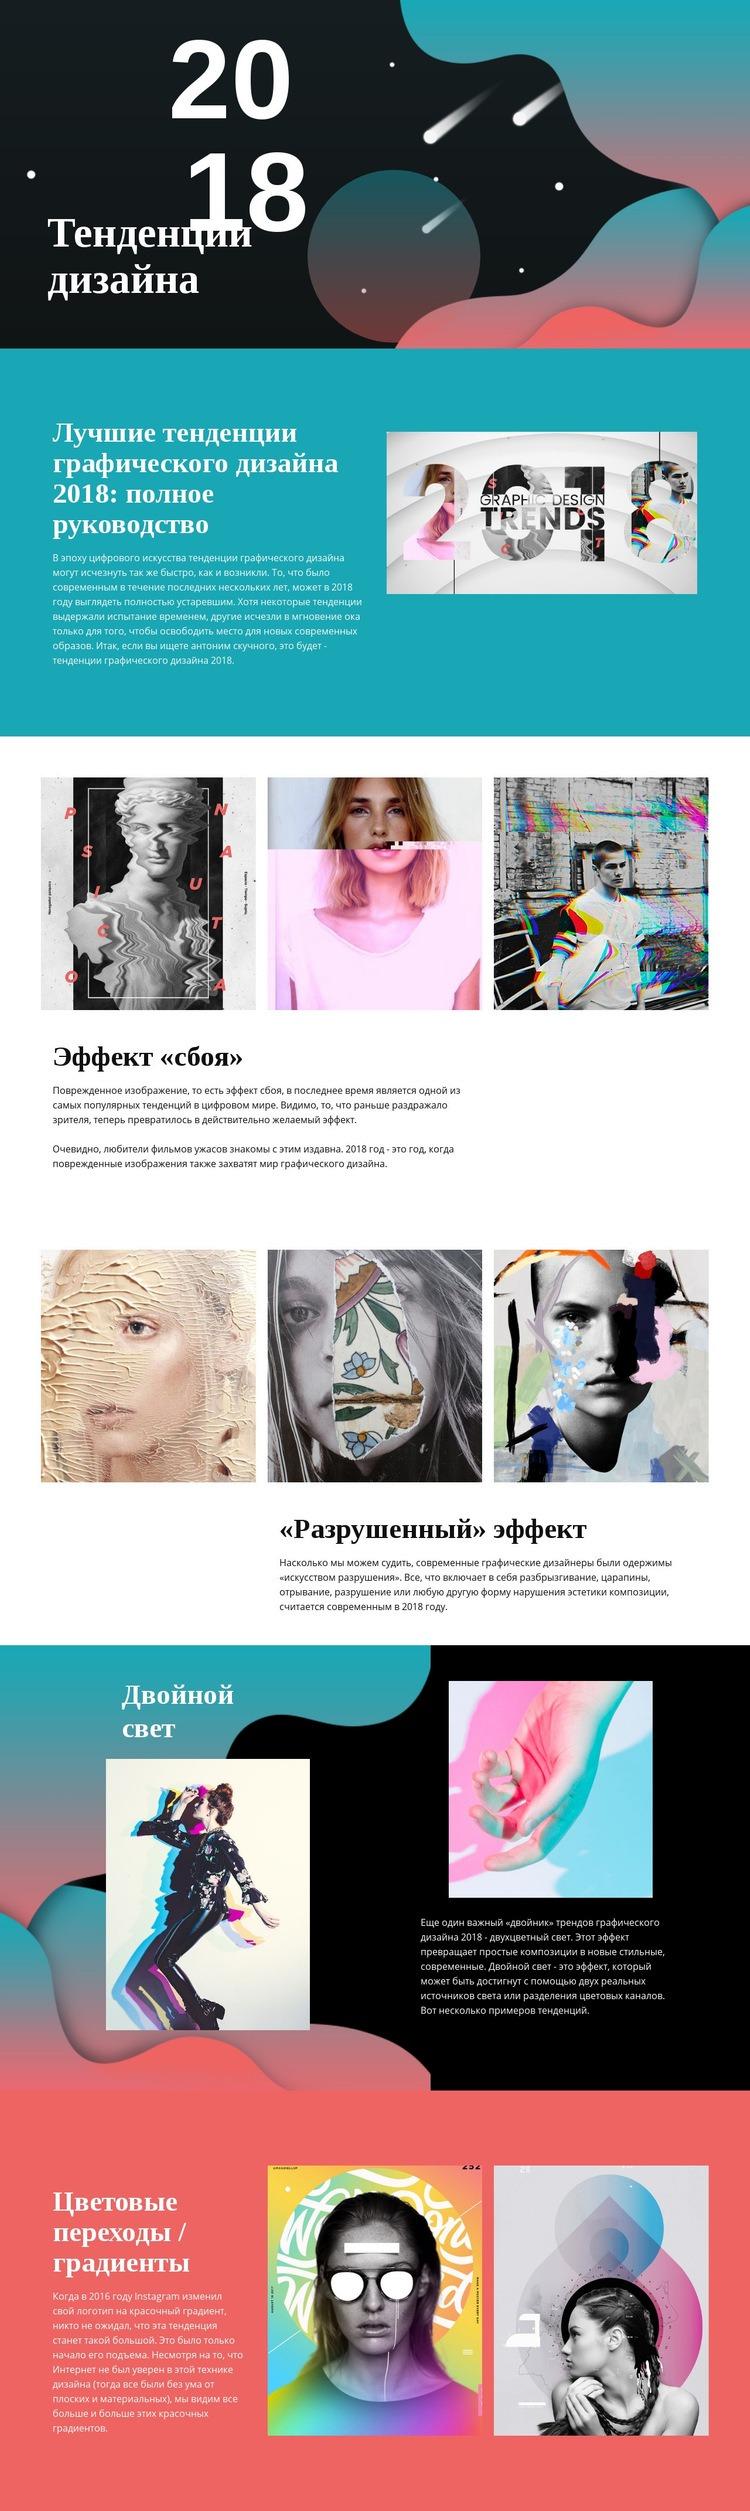 Тенденции дизайна Шаблон веб-сайта